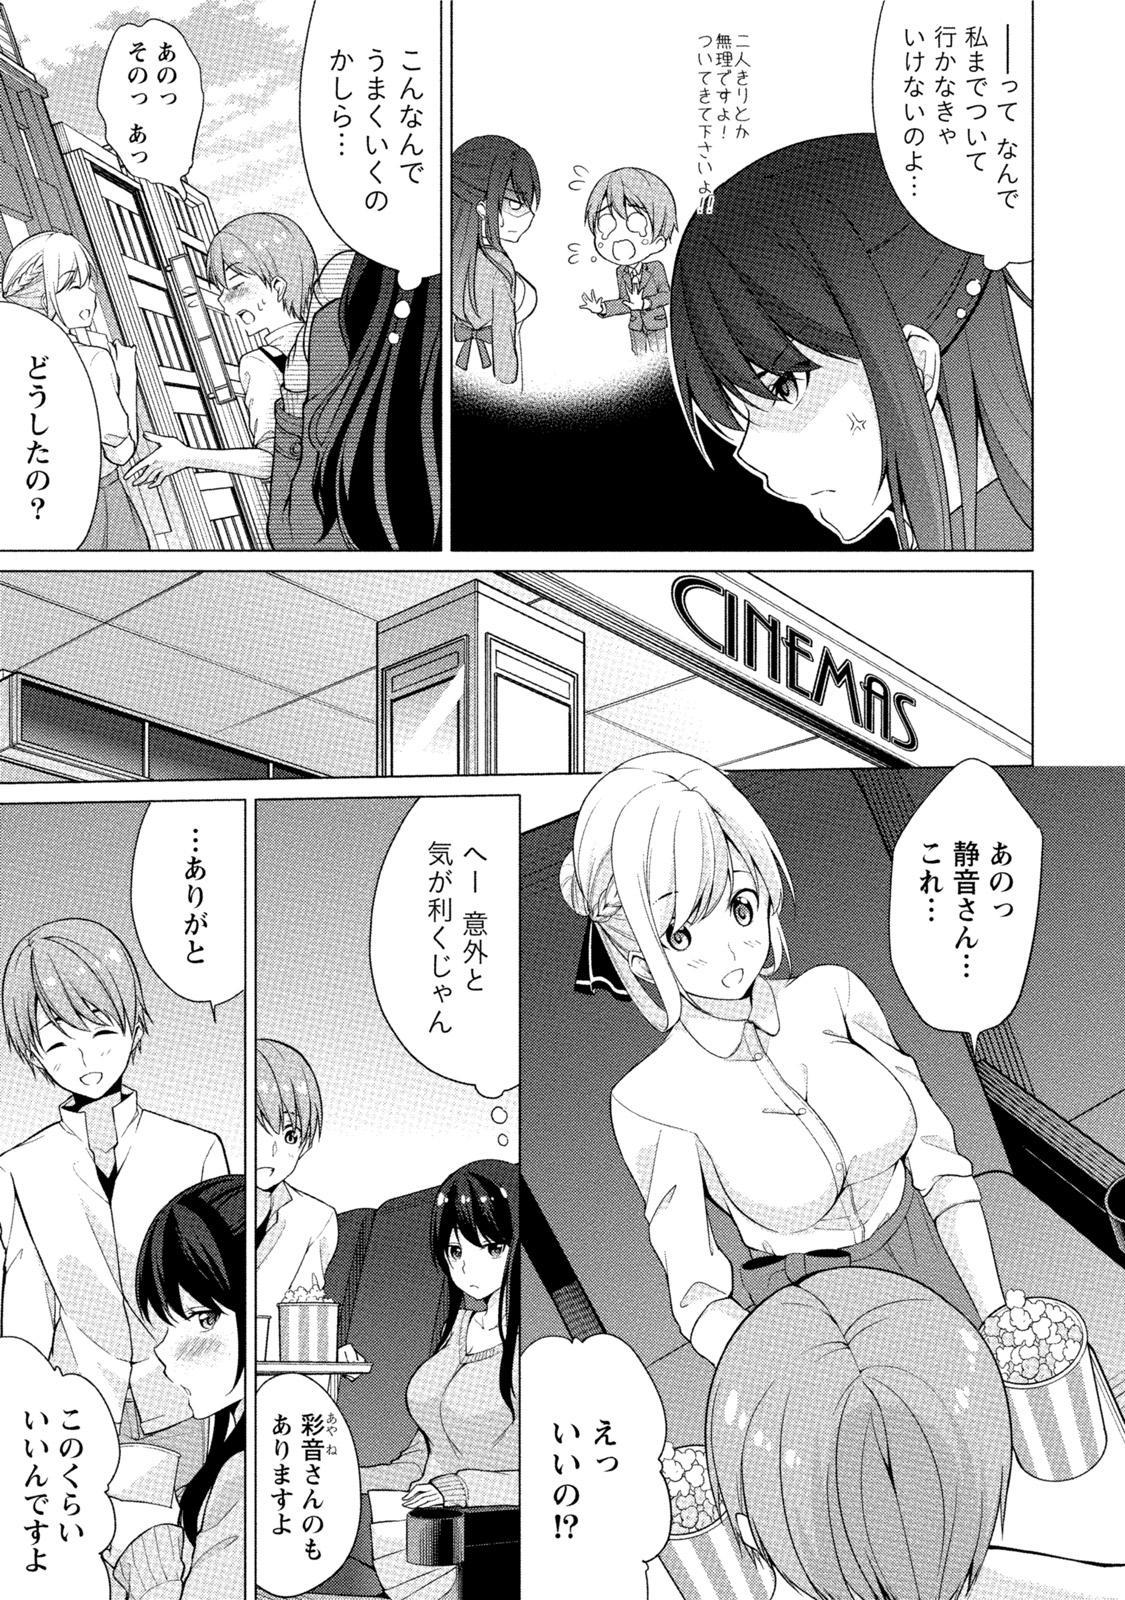 Ecchi na Watashi ja Dame desu ka? 7